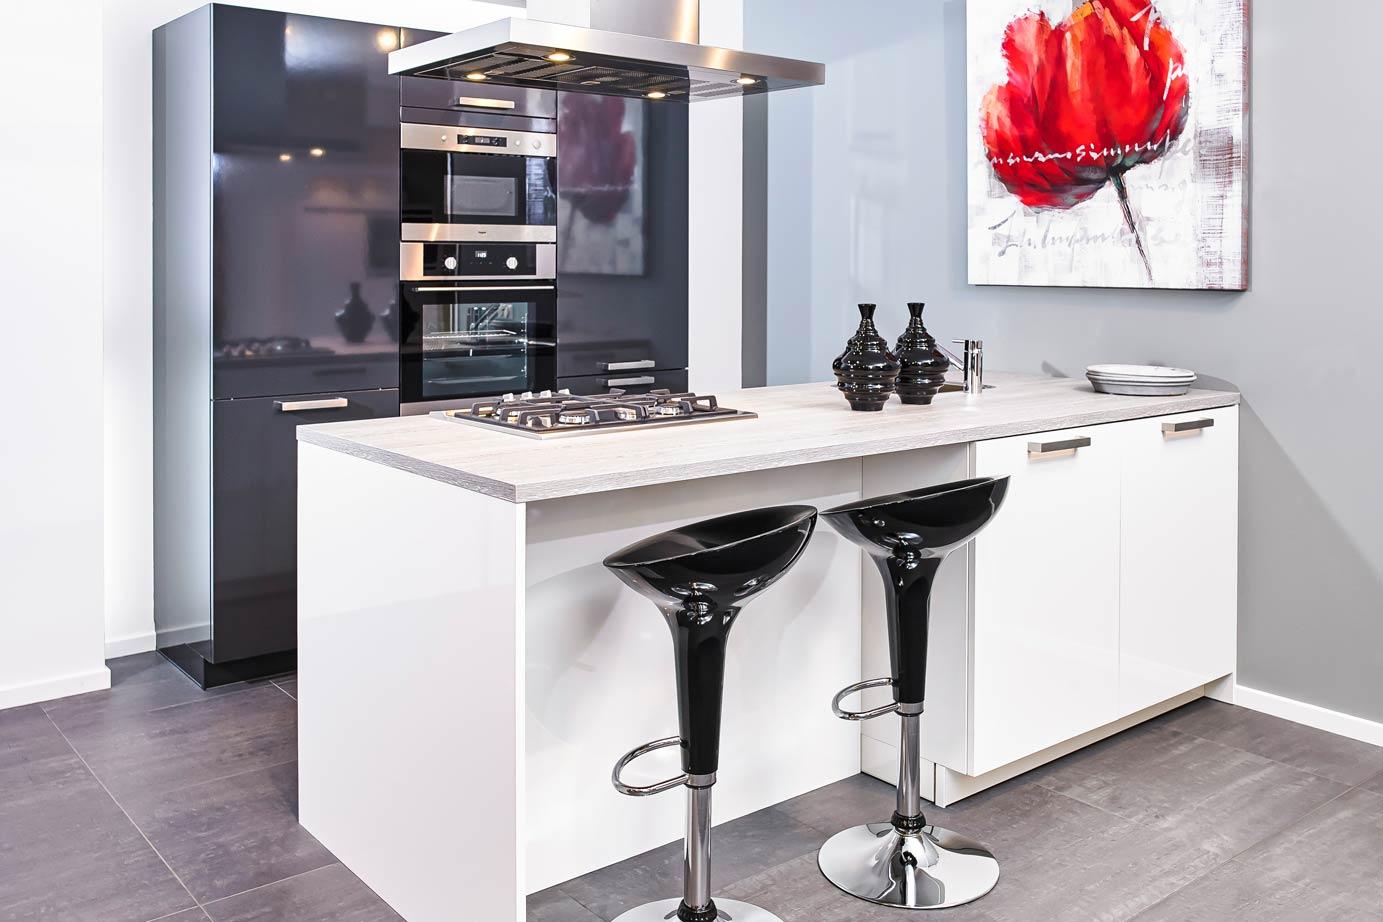 Afmetingen Keuken Kookeiland : Moderne Keuken Eiland: Minimalistische keukens voorbeelden inspiratie